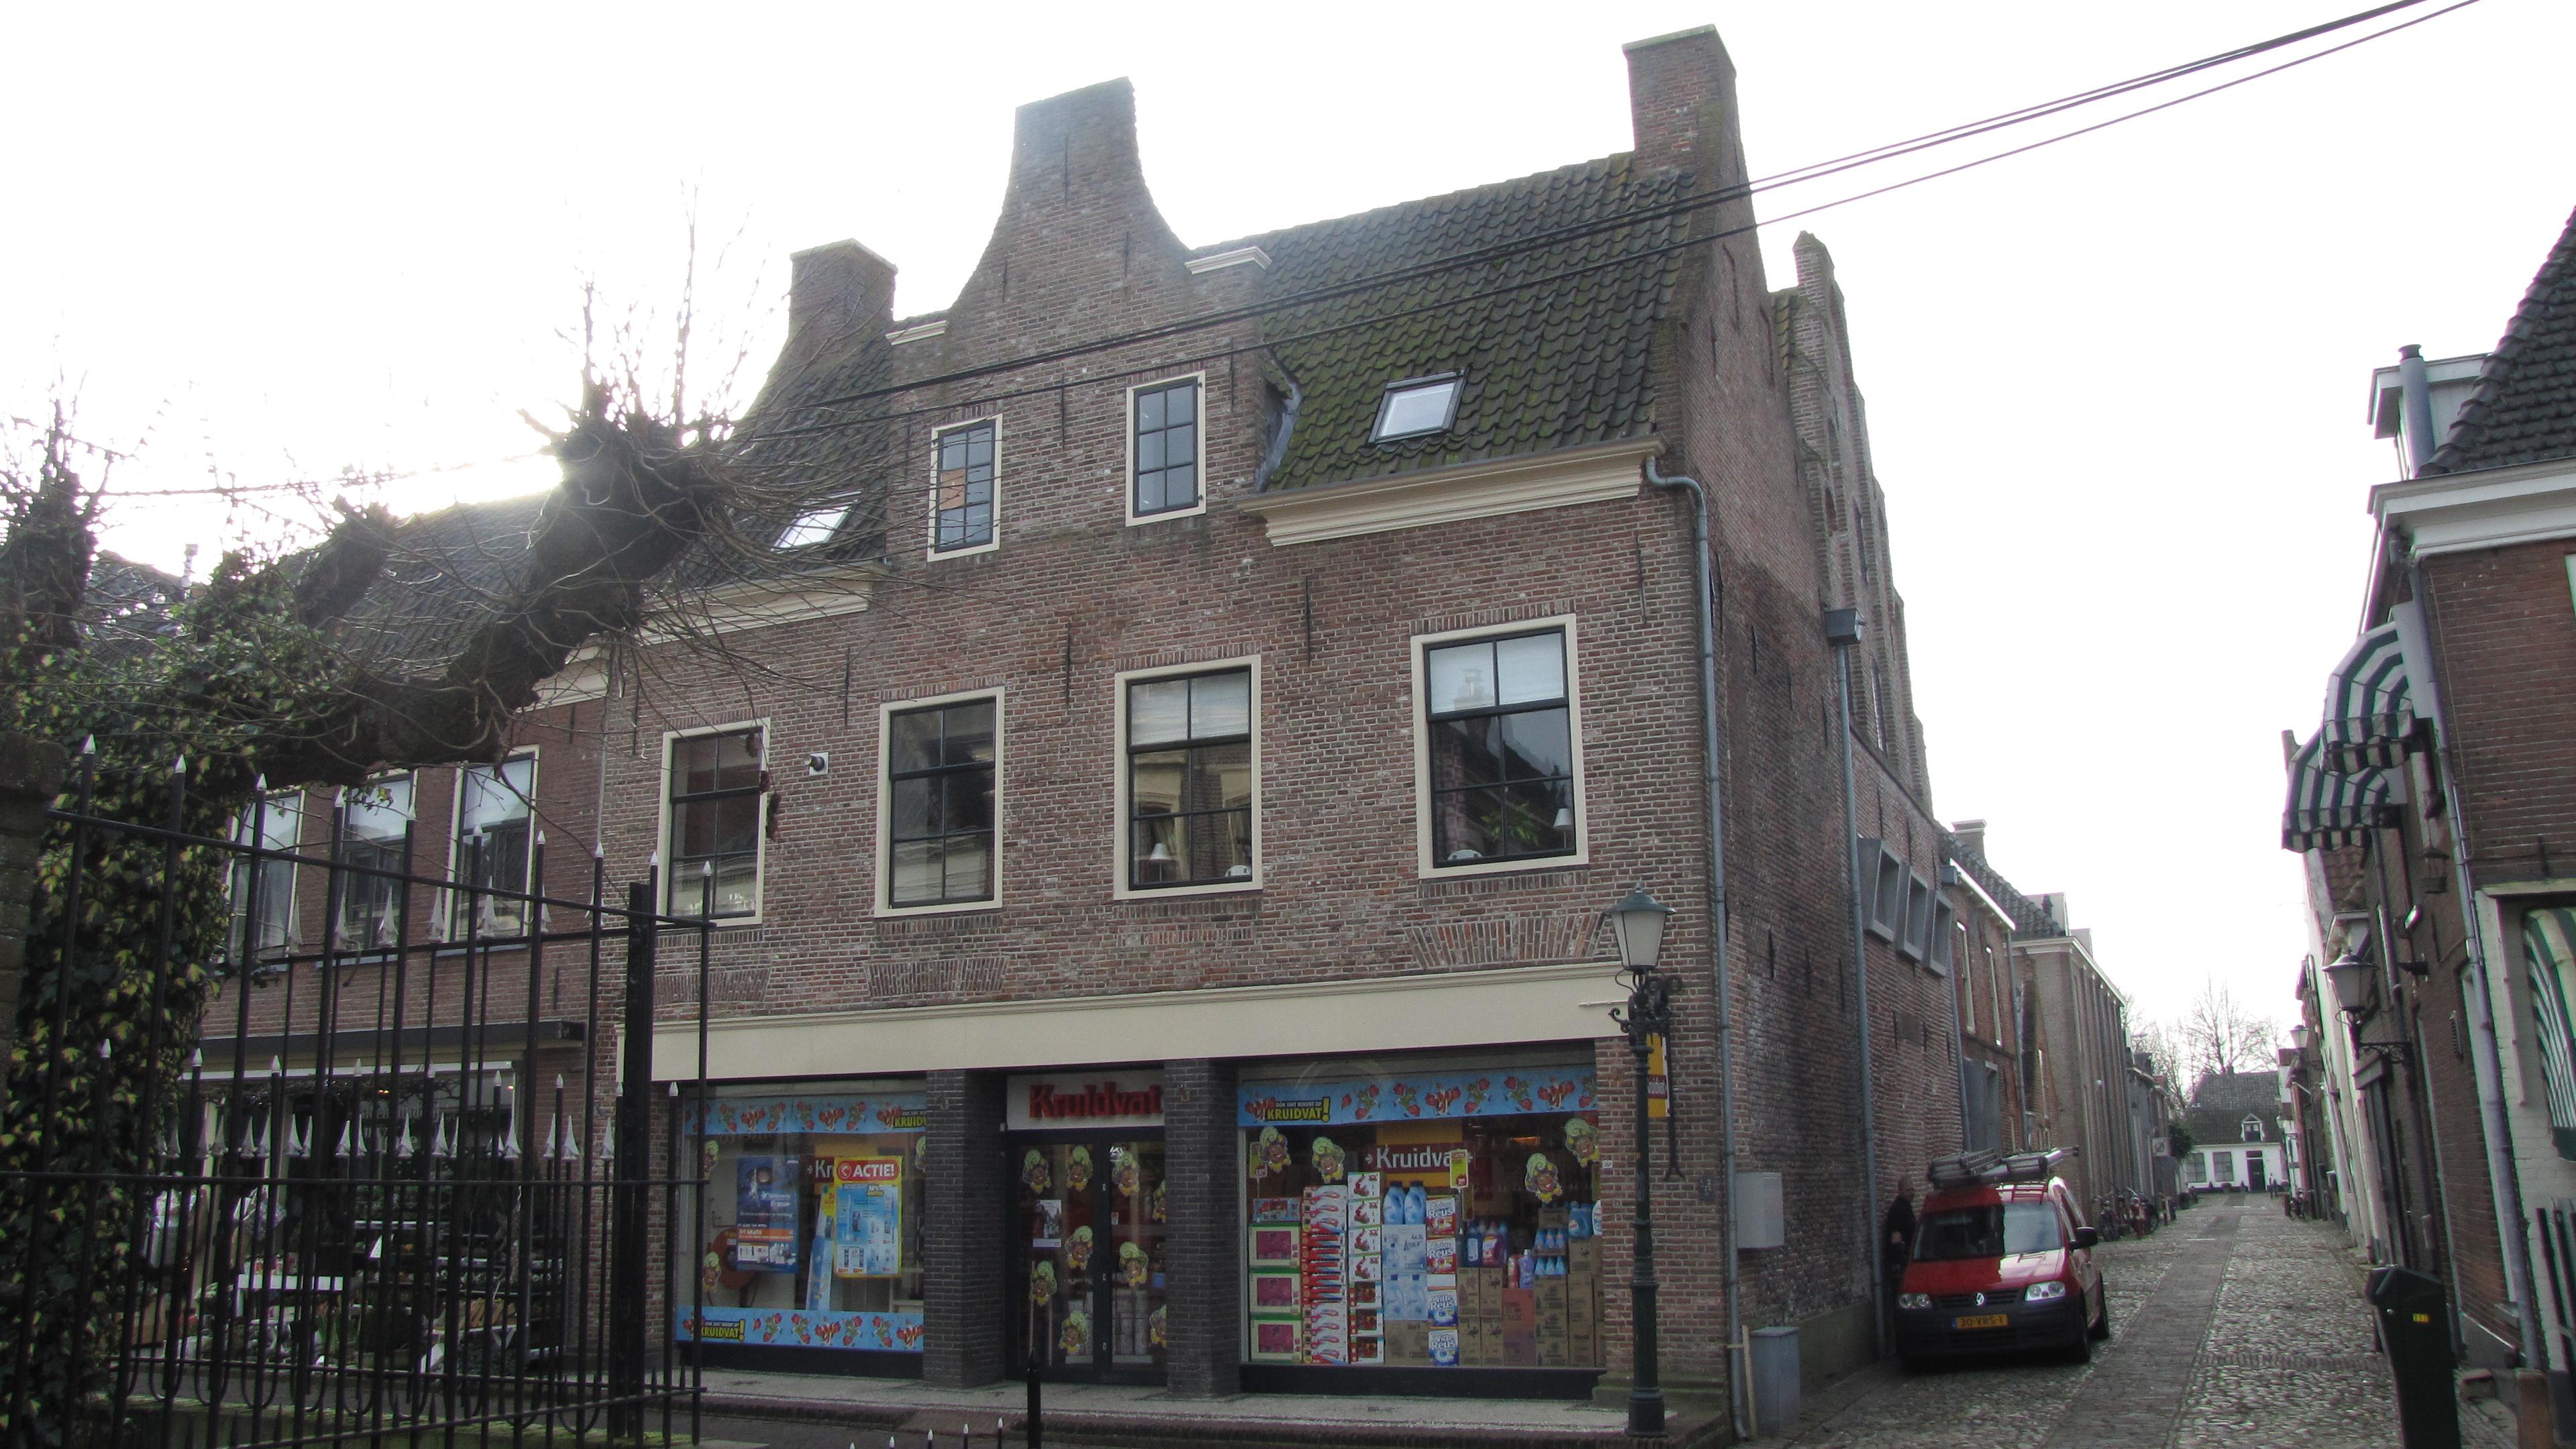 Huis met zadeldak tussen topgevels evenwijdig aan de straat hoekschoorstenen in elburg - Tussen huis ...